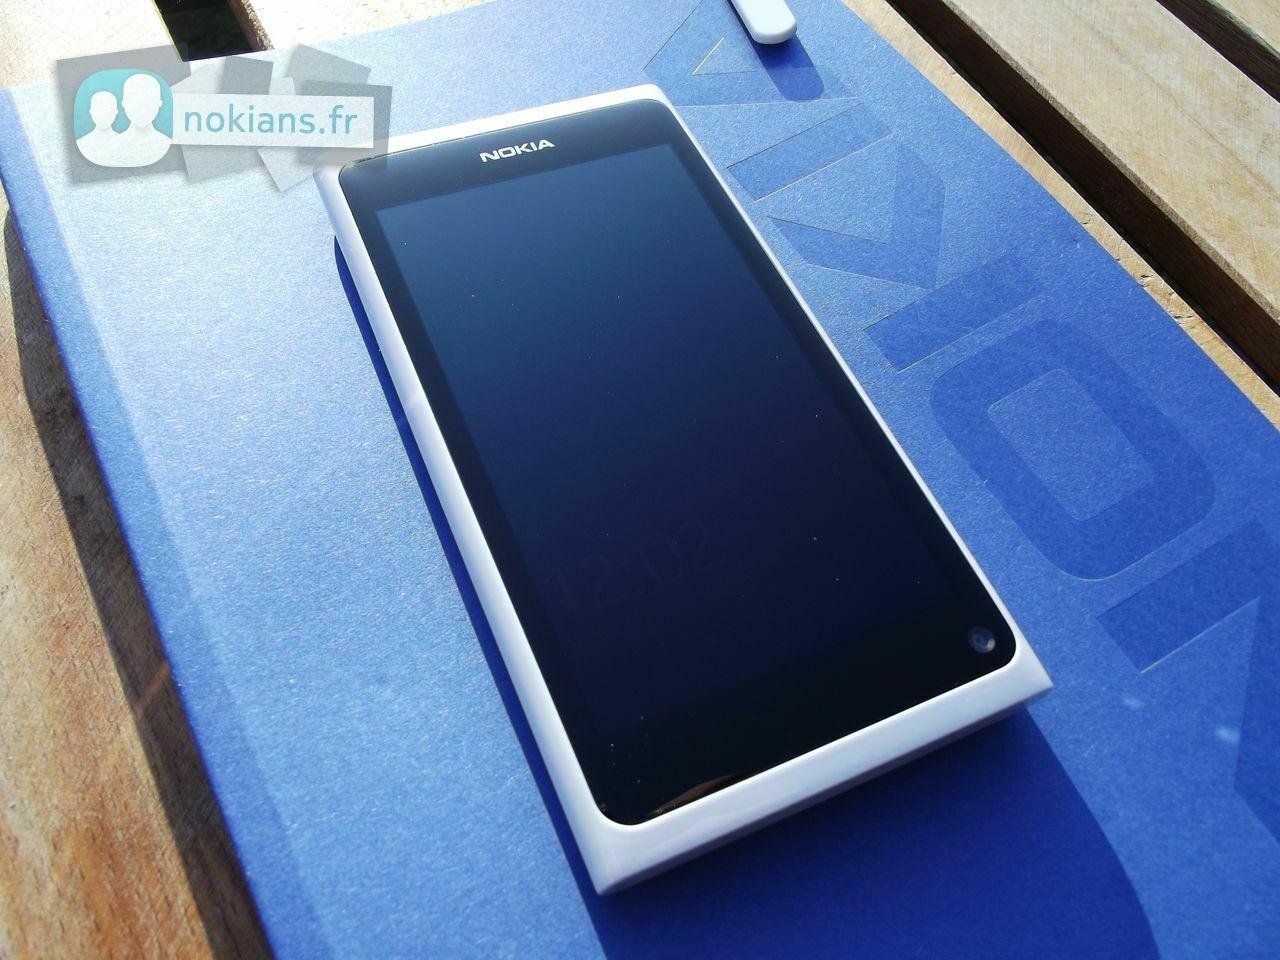 Concours LinuxTag 2012, soumettez votre app Qt et gagnez un Nokia N9 !